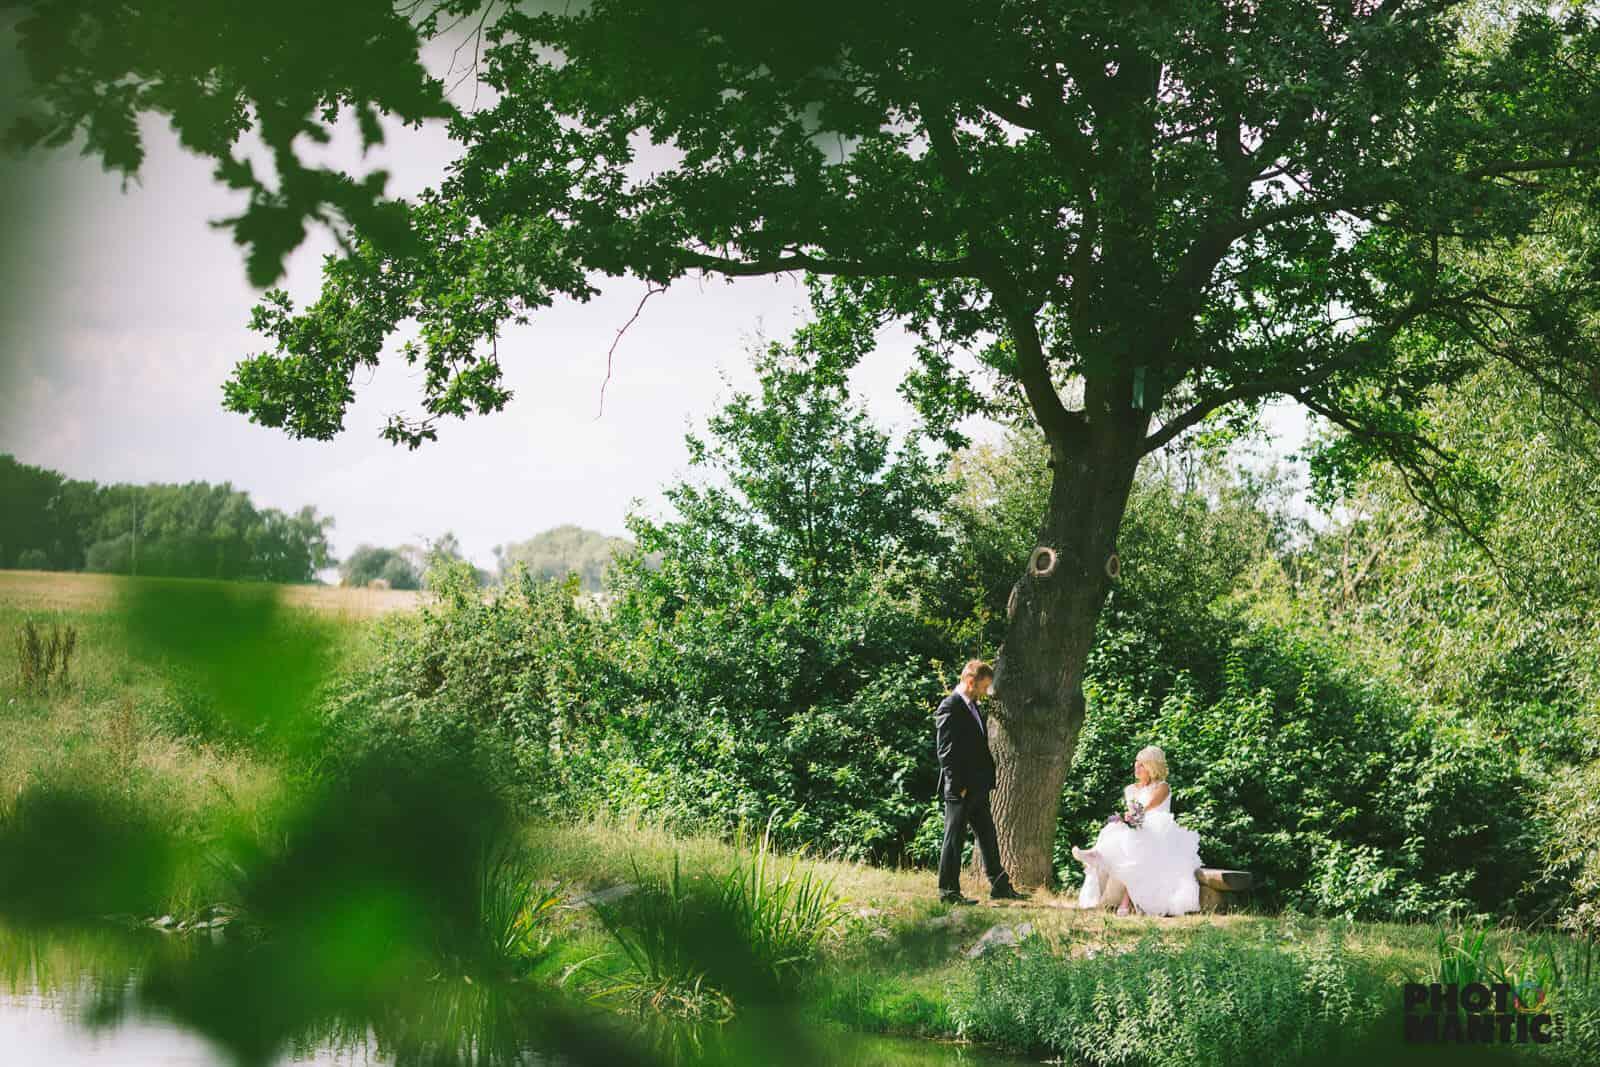 Hliněná bašta svatba Míši a Petra v přírodě